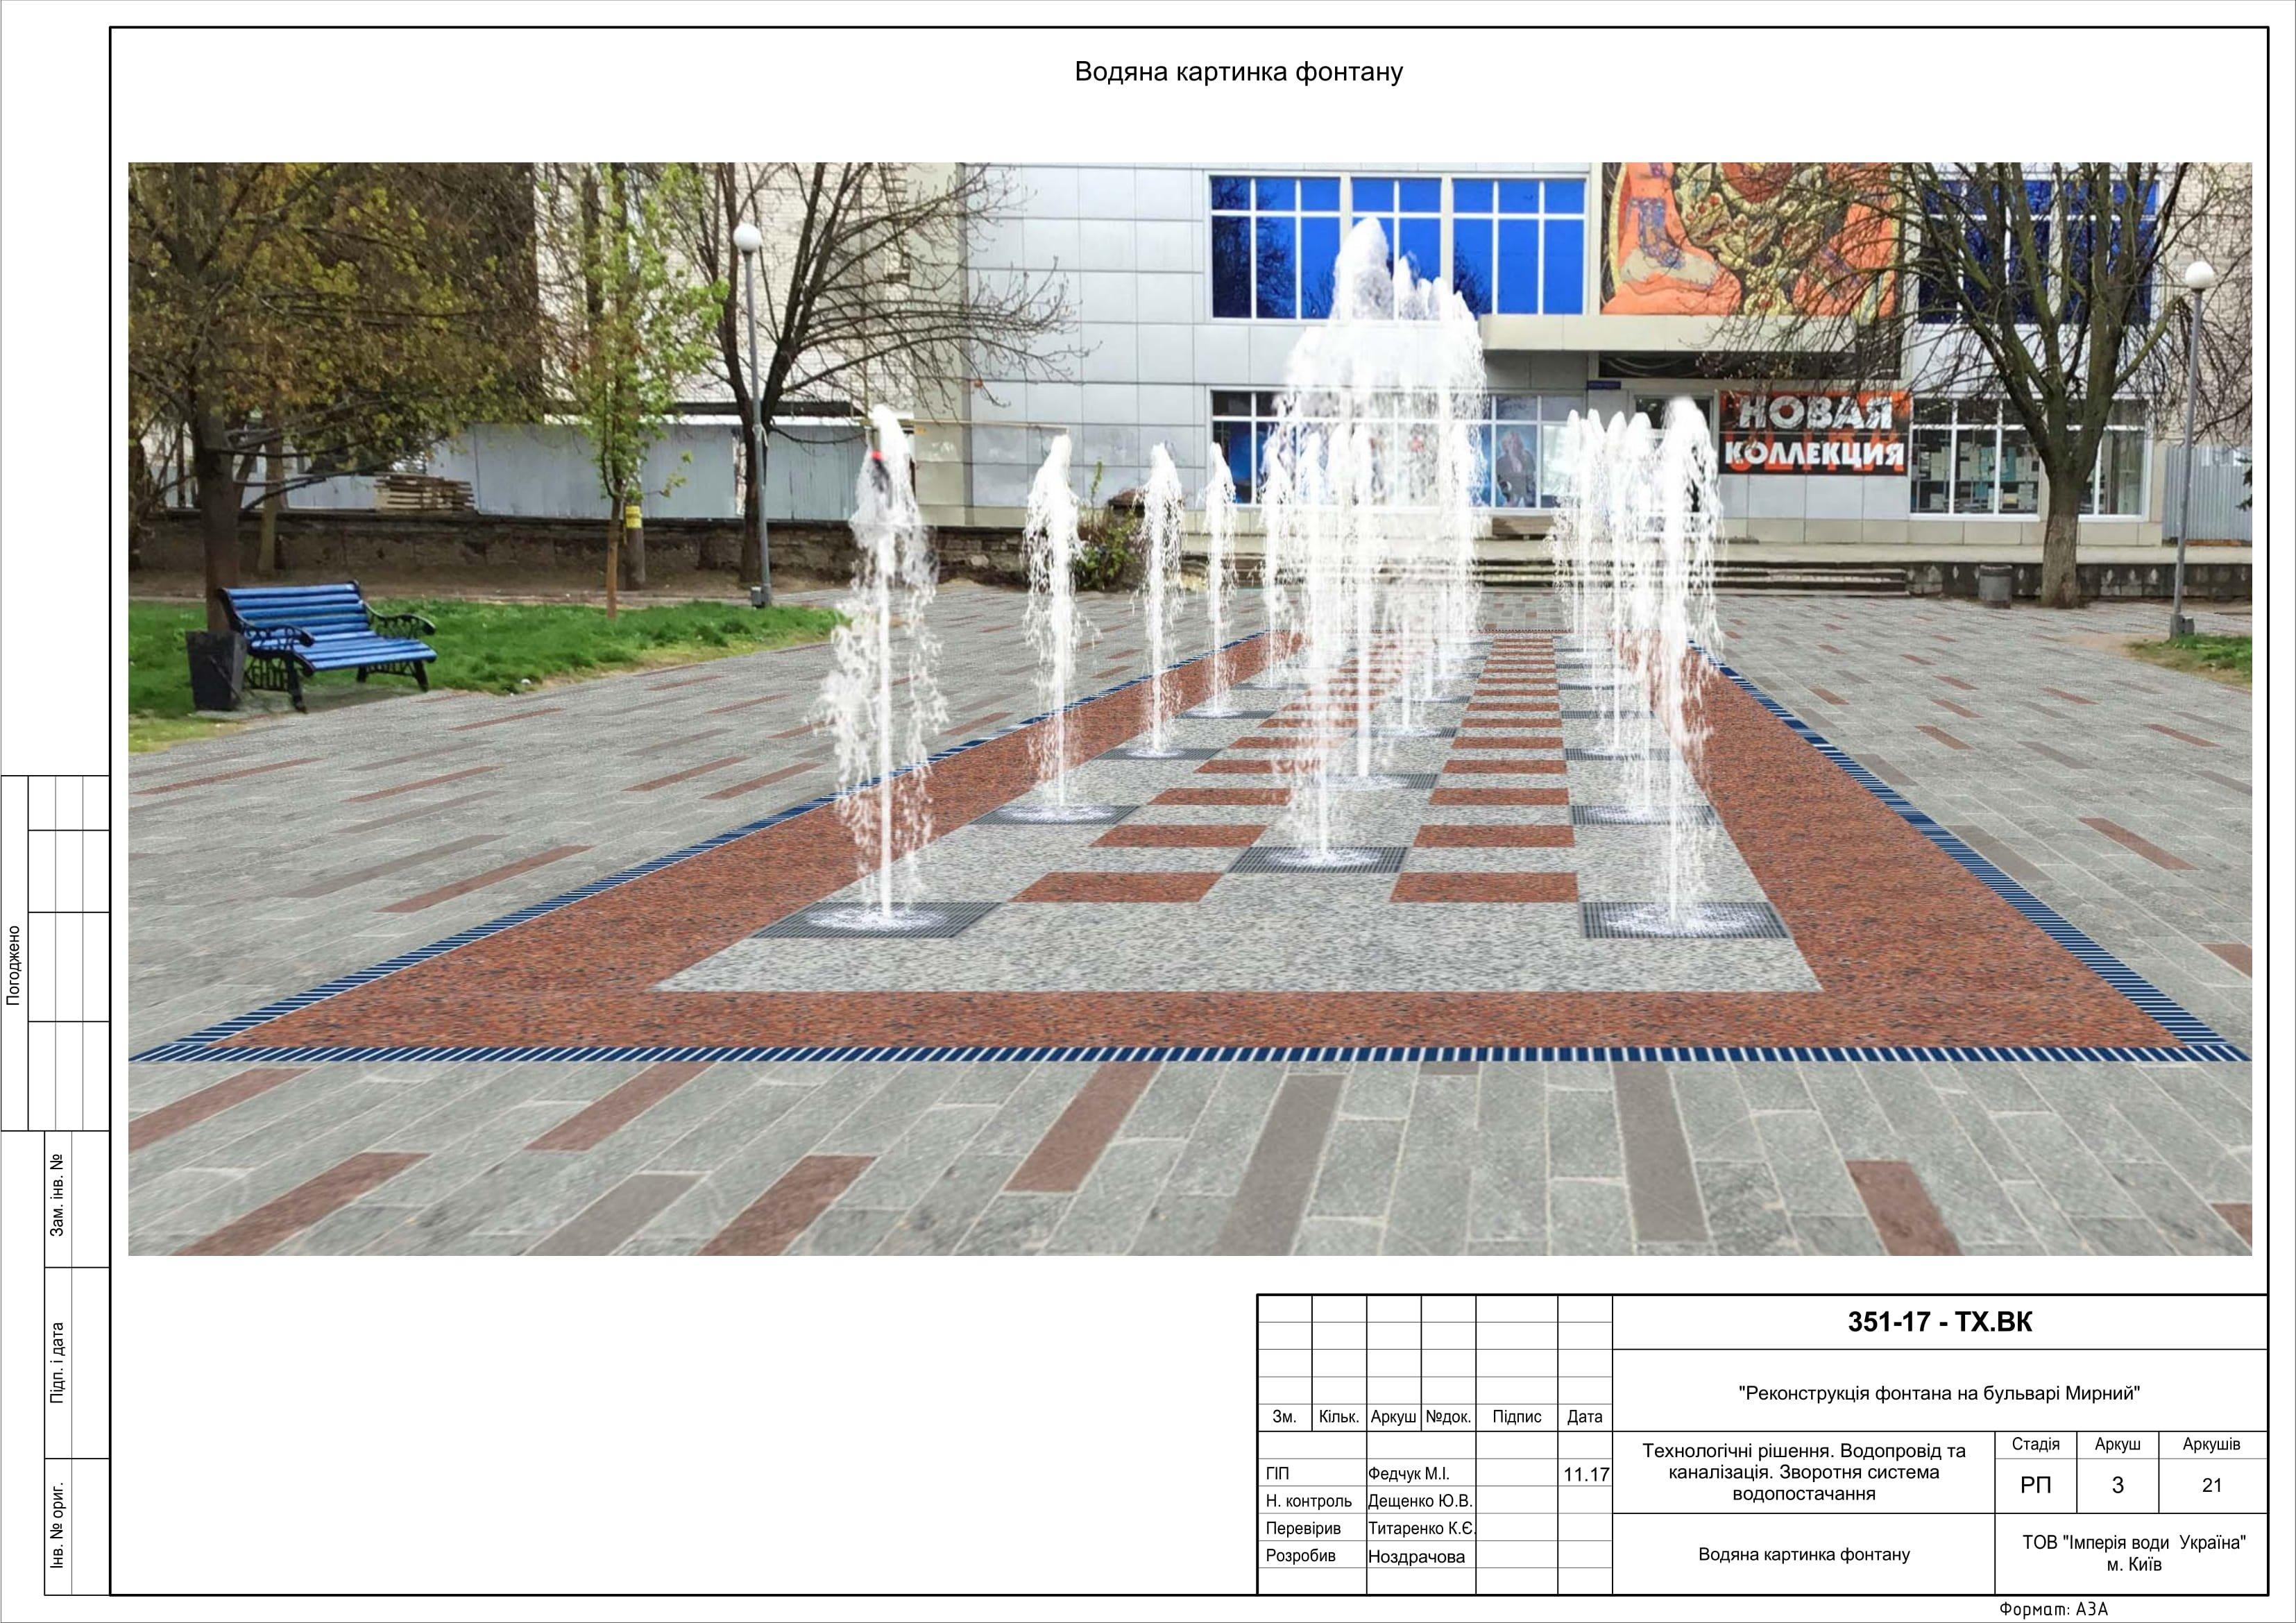 Торги по реконструкции фонтана в центре Херсона не состоялись в 3-й раз